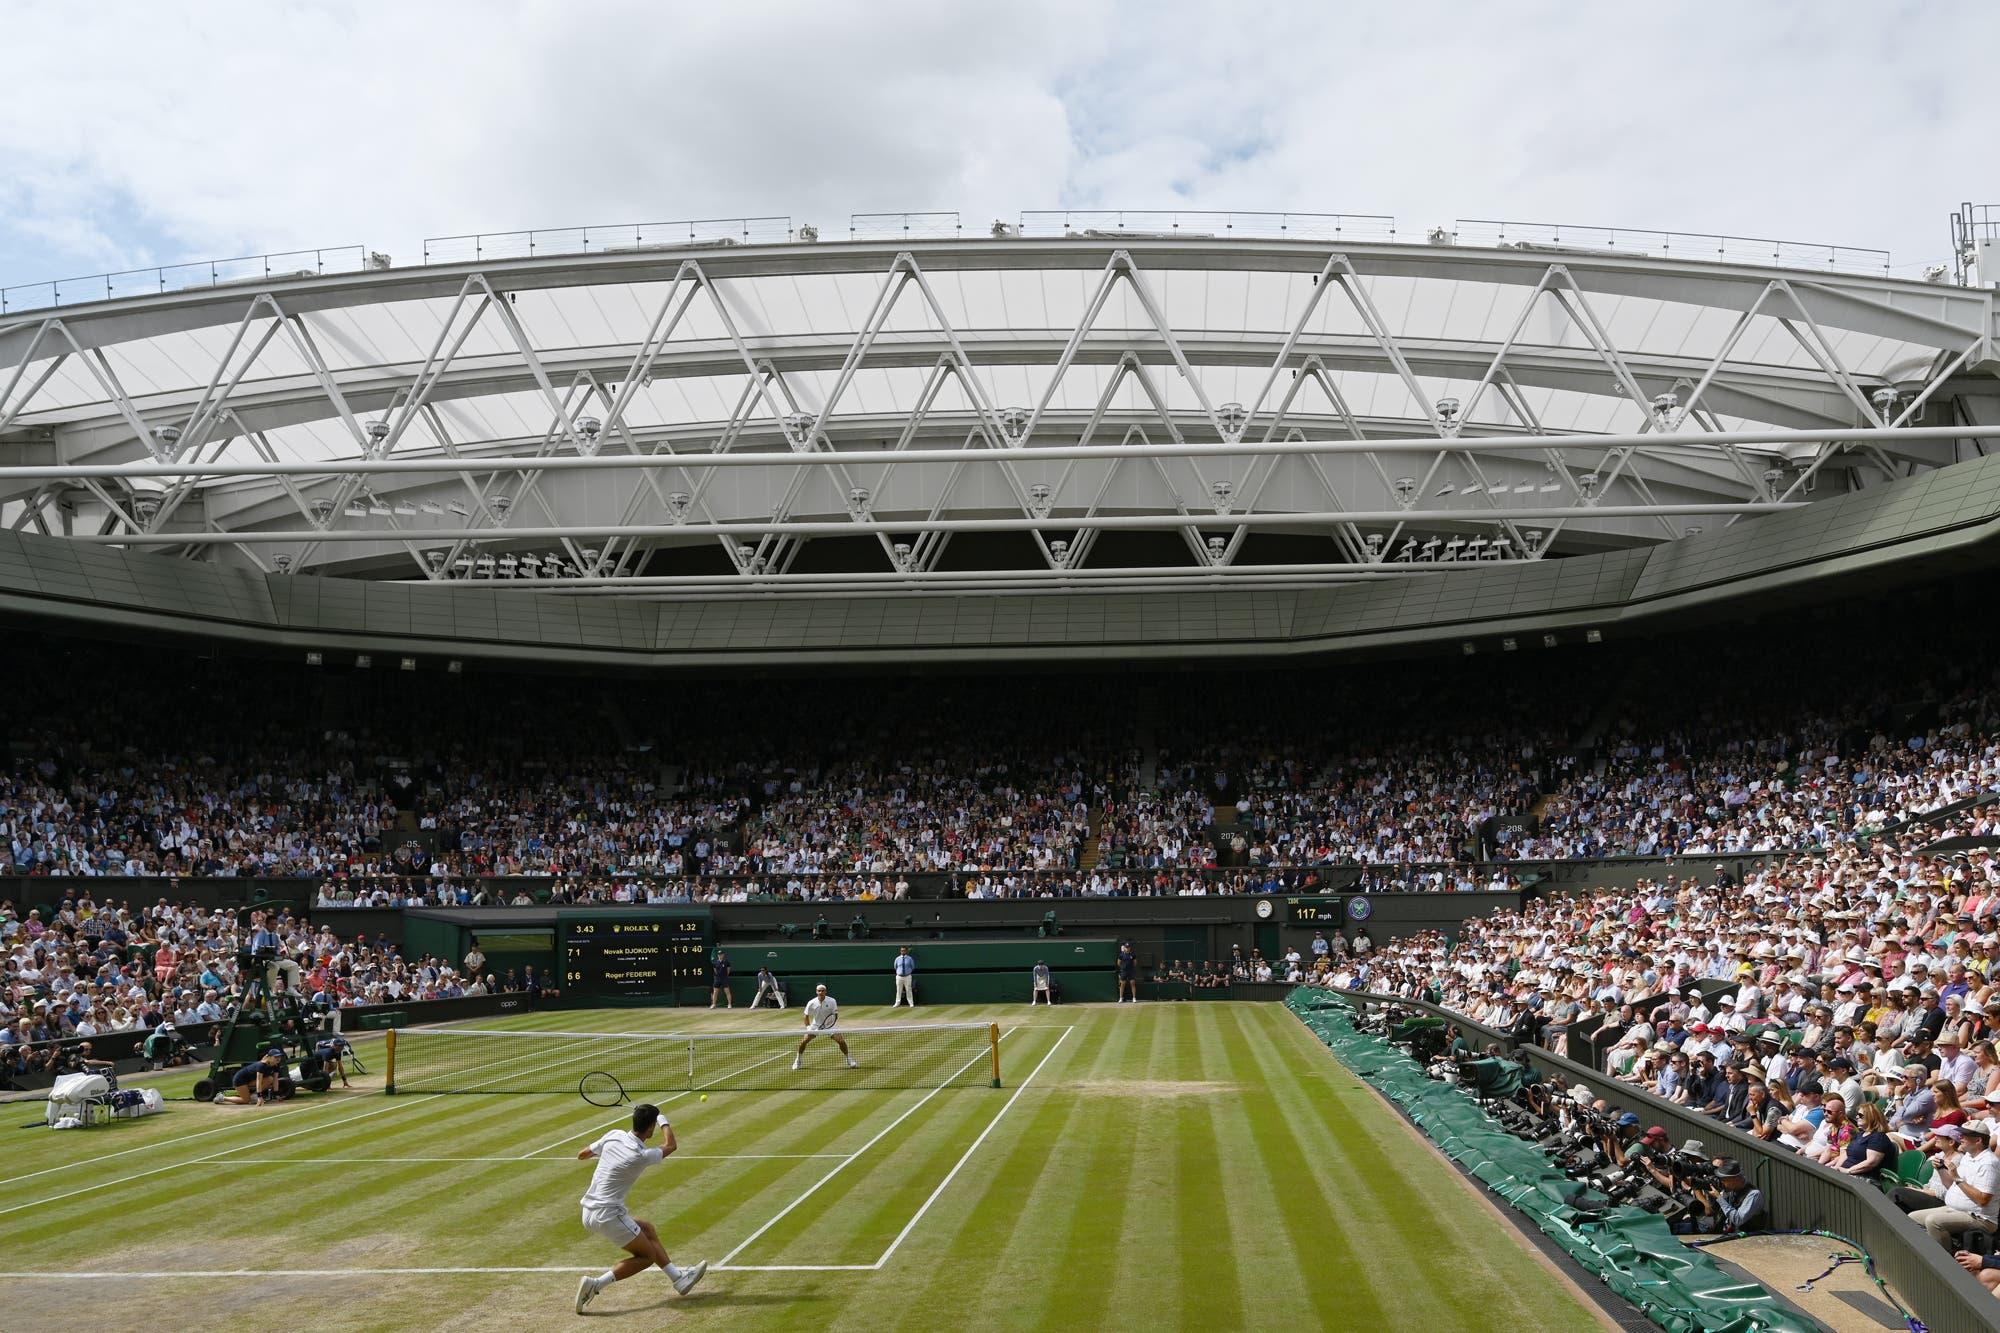 Coronavirus. Wimbledon, en duda: en una reunión de emergencia se decidirá si posterga o cancela el torneo de este año